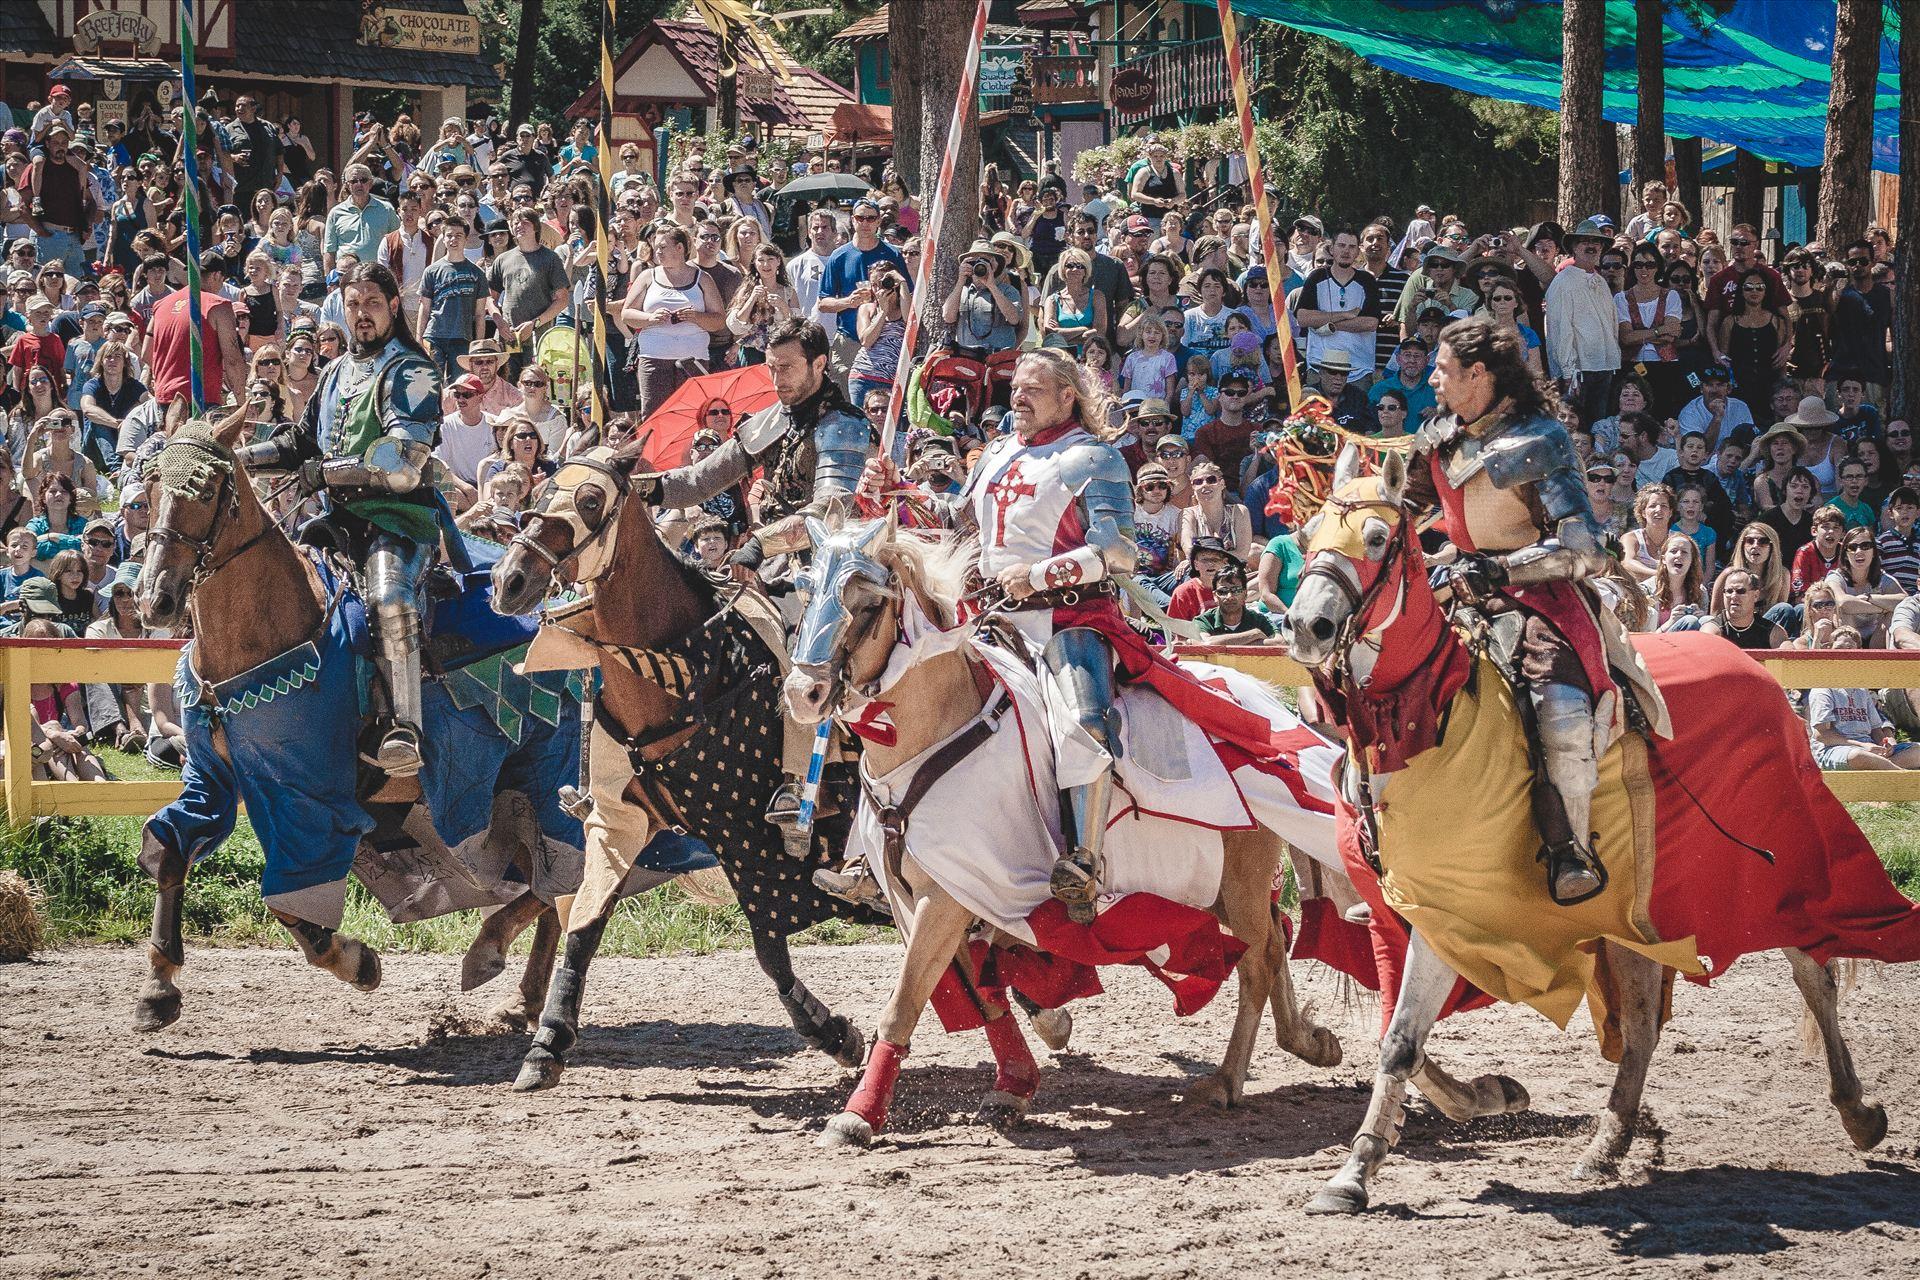 Renaissance Faire - The annual Renaissance Faire in Larkspur, Colorado by D Scott Smith